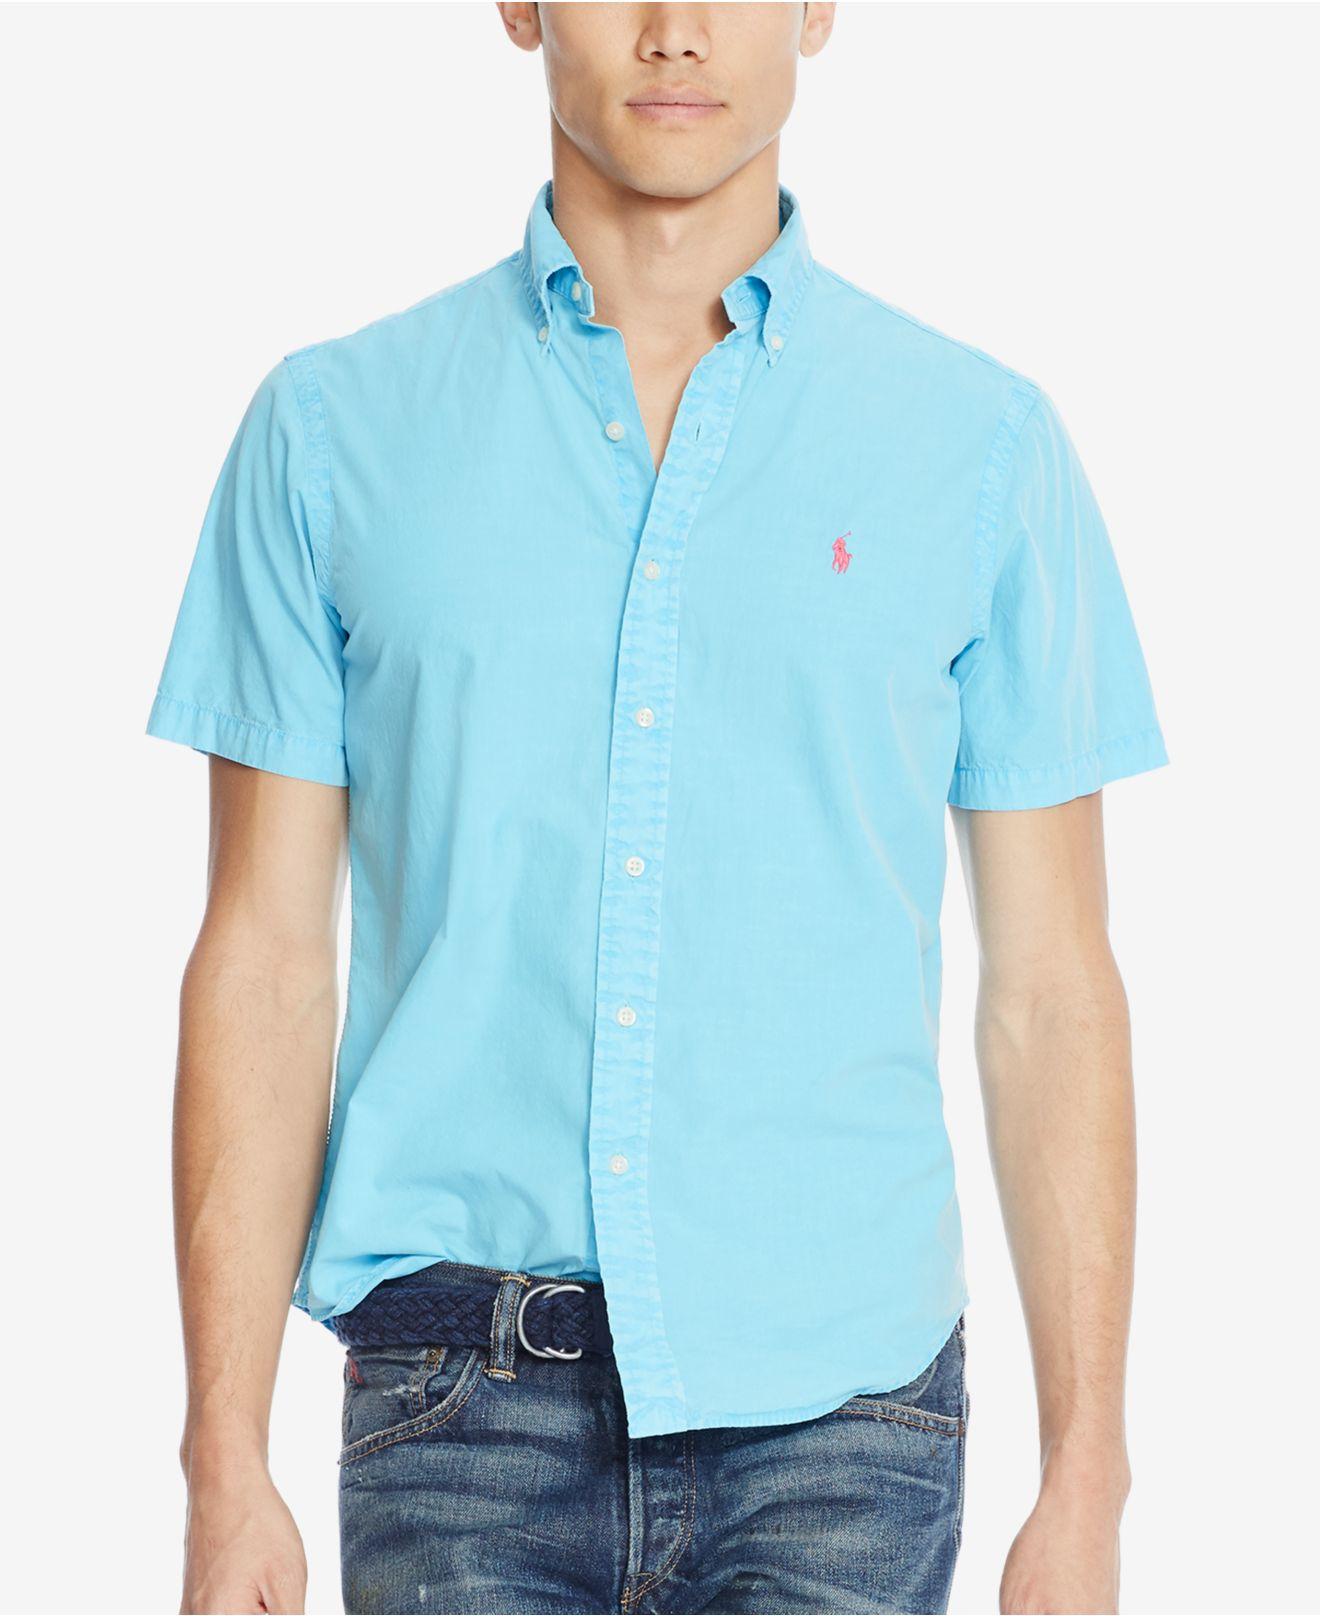 Polo ralph lauren men 39 s short sleeve silk shirt in blue for Silk short sleeve shirt